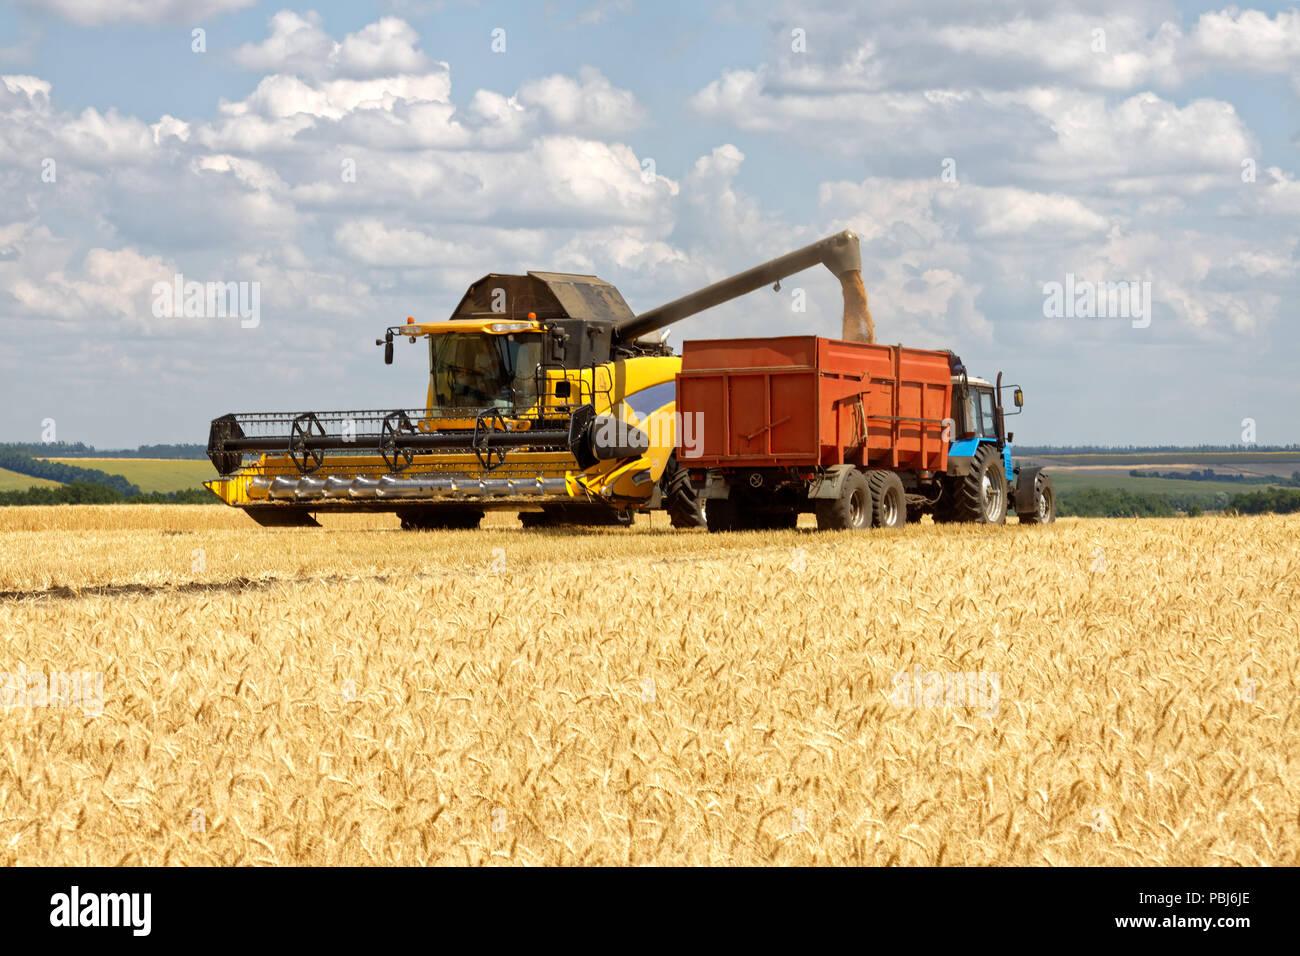 Mietitrebbia di grano di carico del carrello al momento del raccolto in una soleggiata giornata estiva Foto Stock